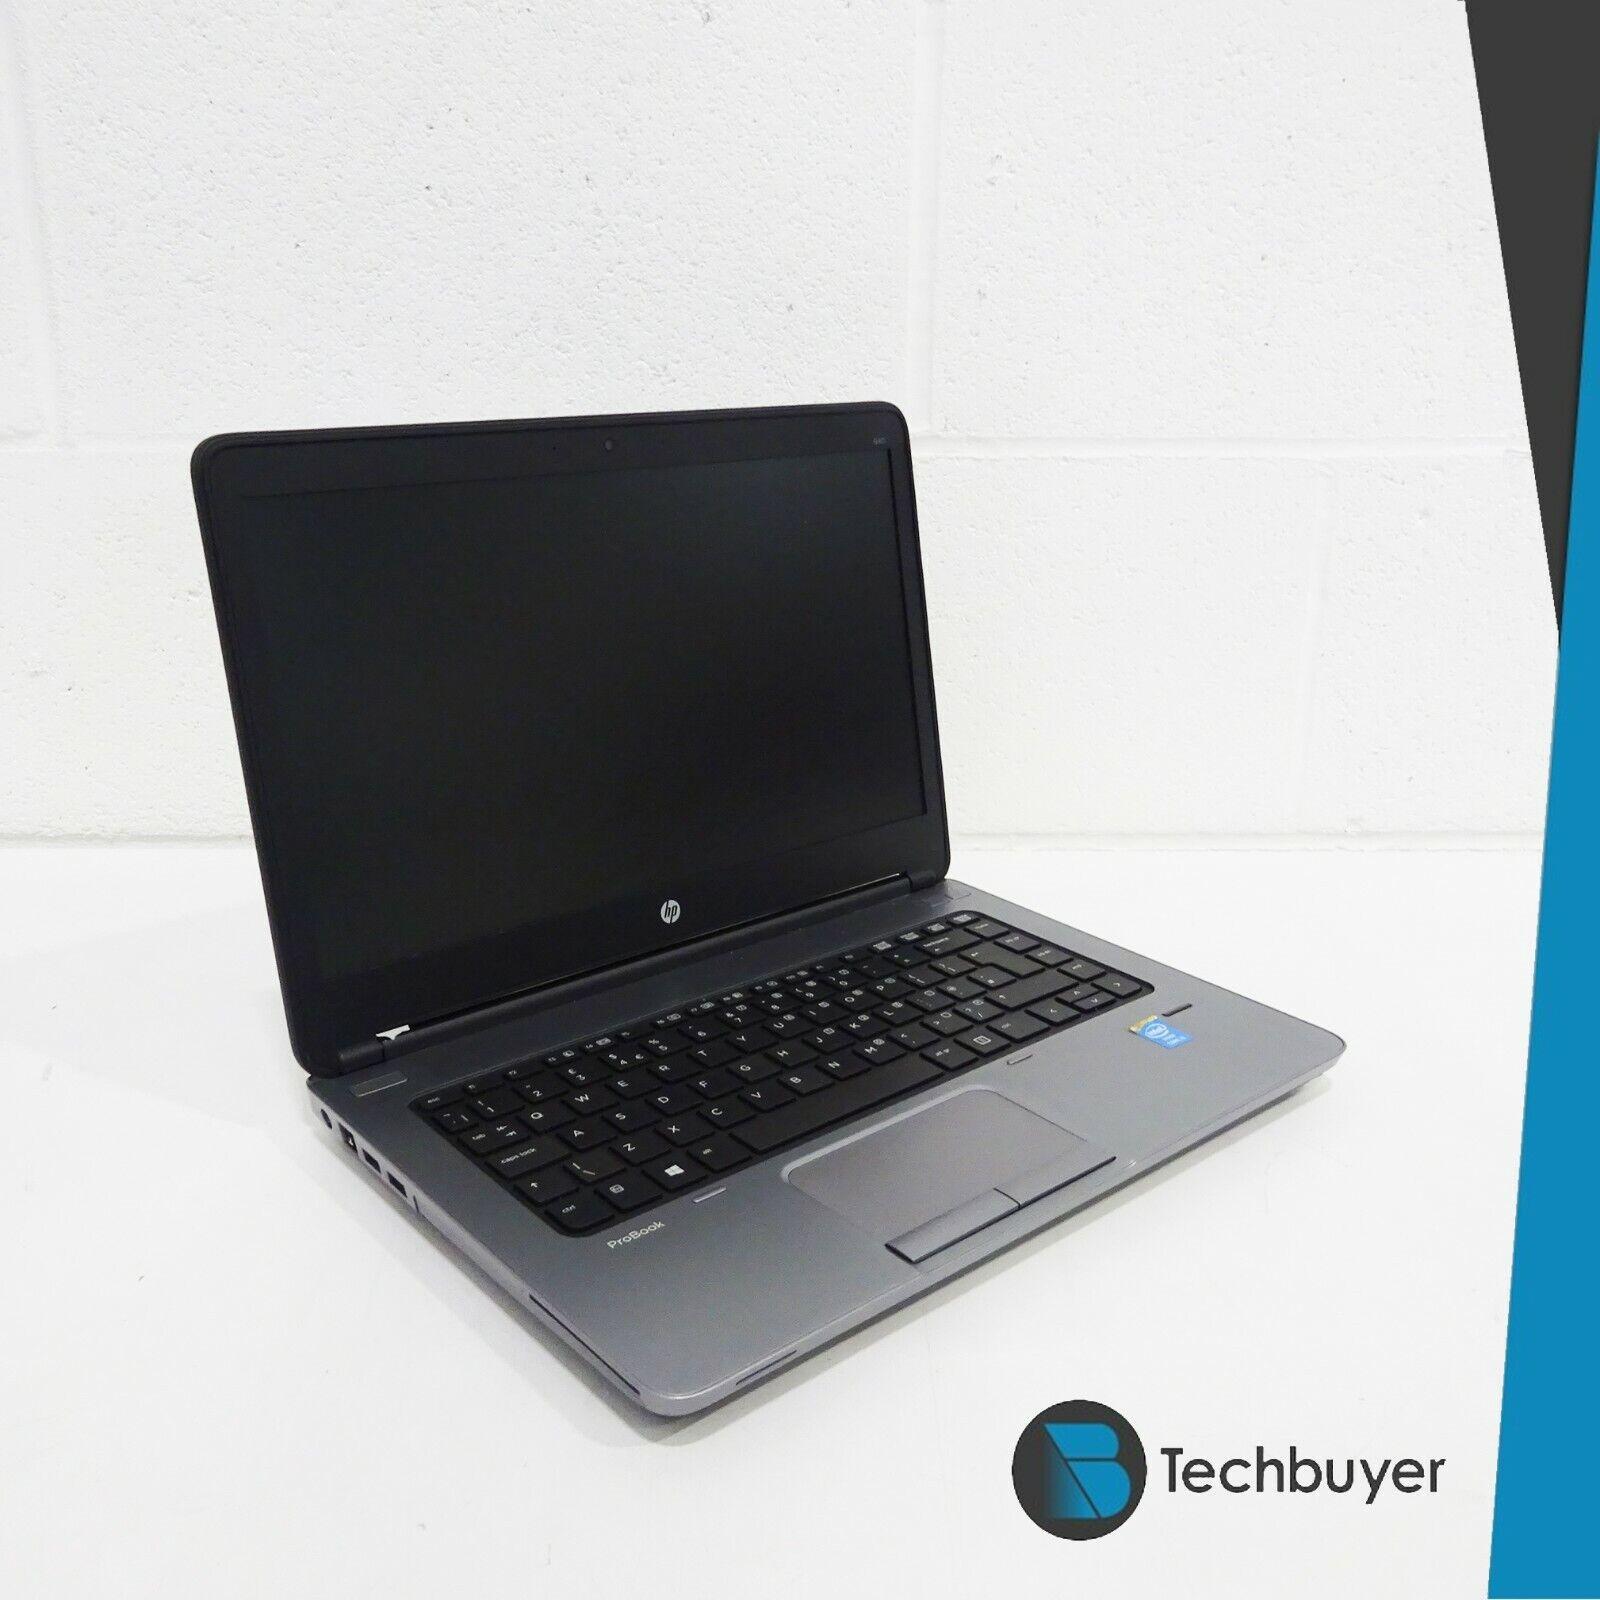 Laptop Windows - HP ProBook 640 G1 i3 4000M 16GB RAM 500GB HDD Windows 10 PC